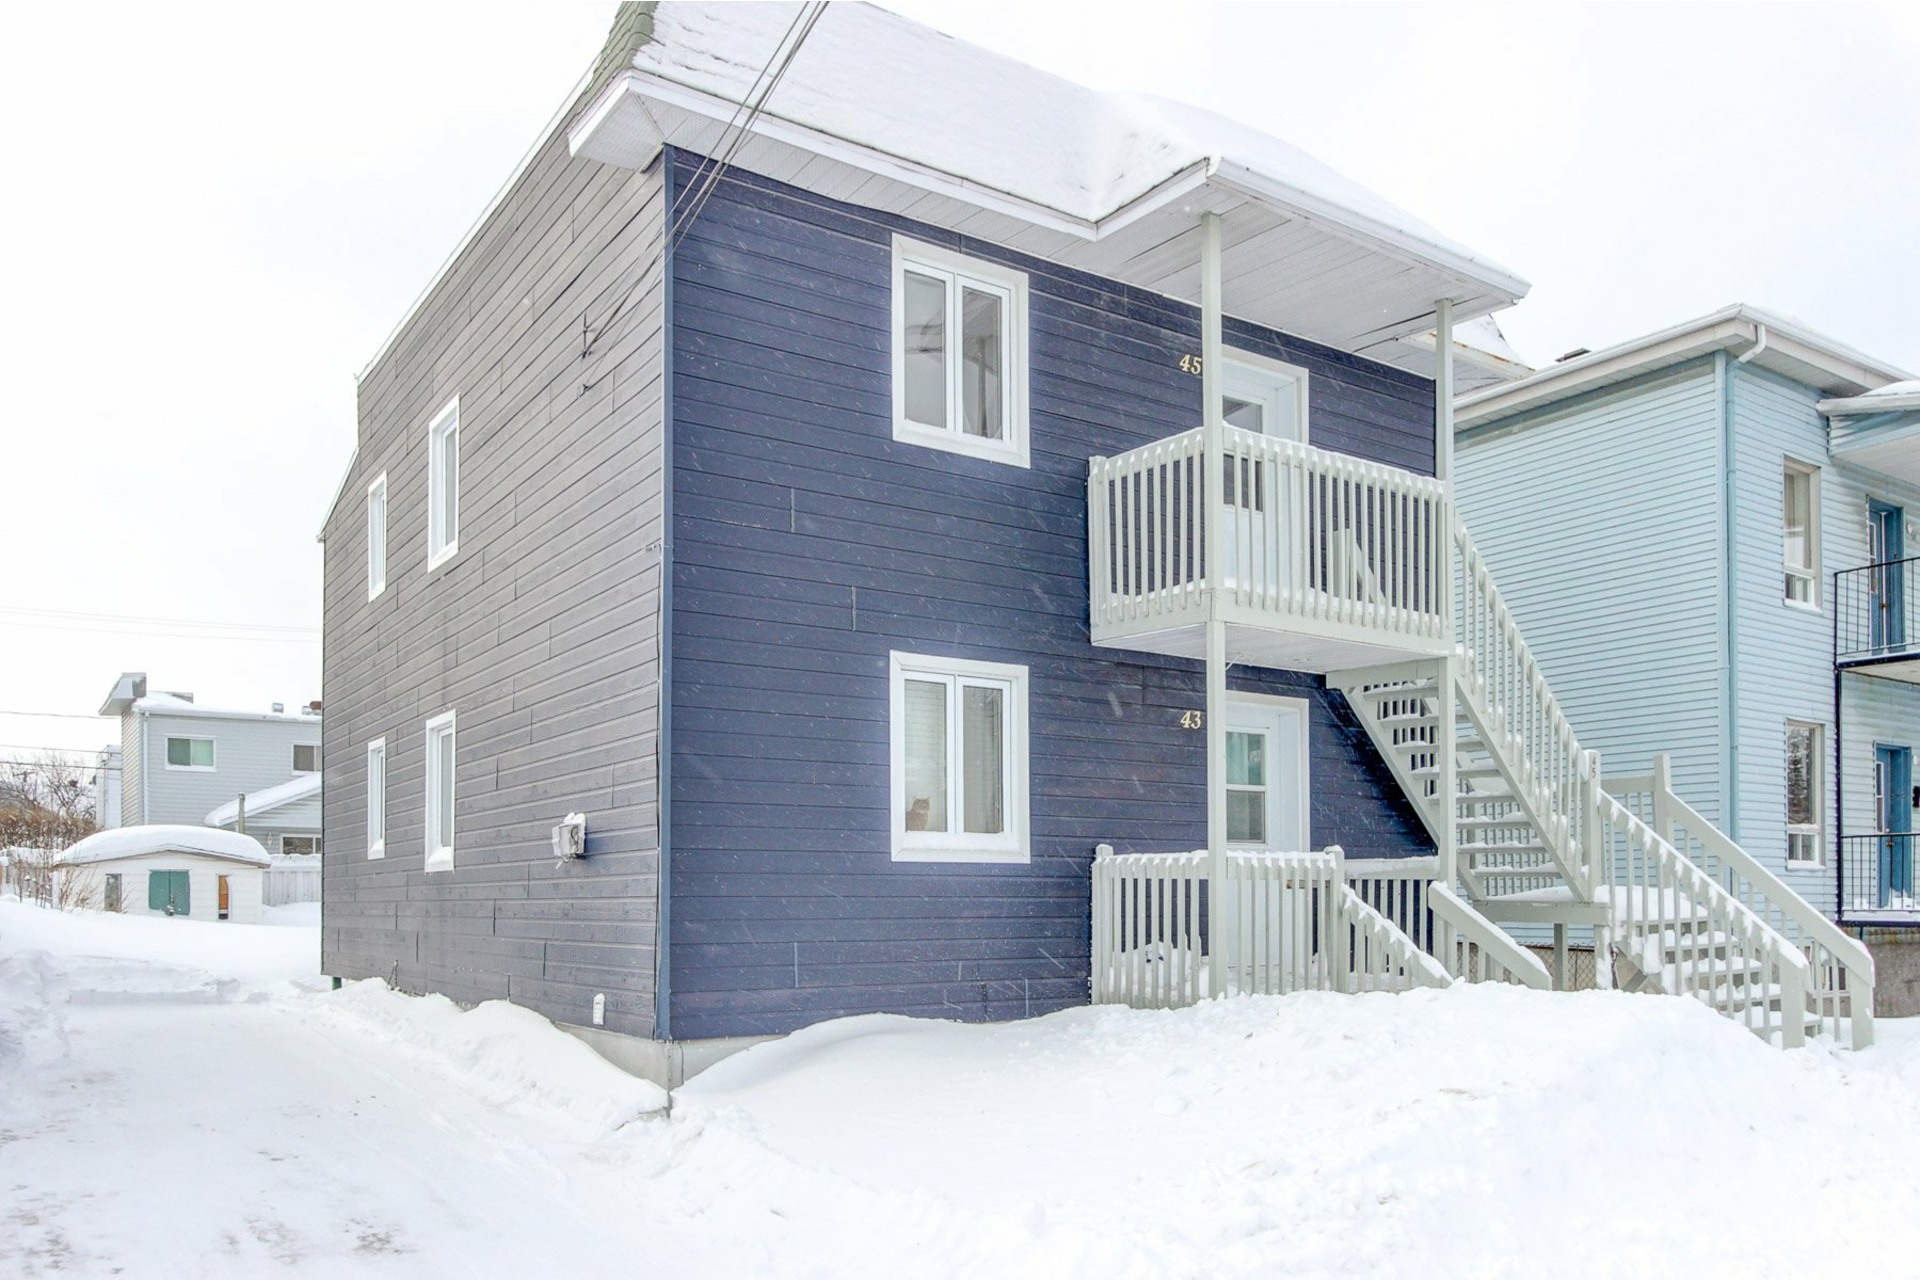 image 22 - Duplex À vendre Trois-Rivières - 5 pièces